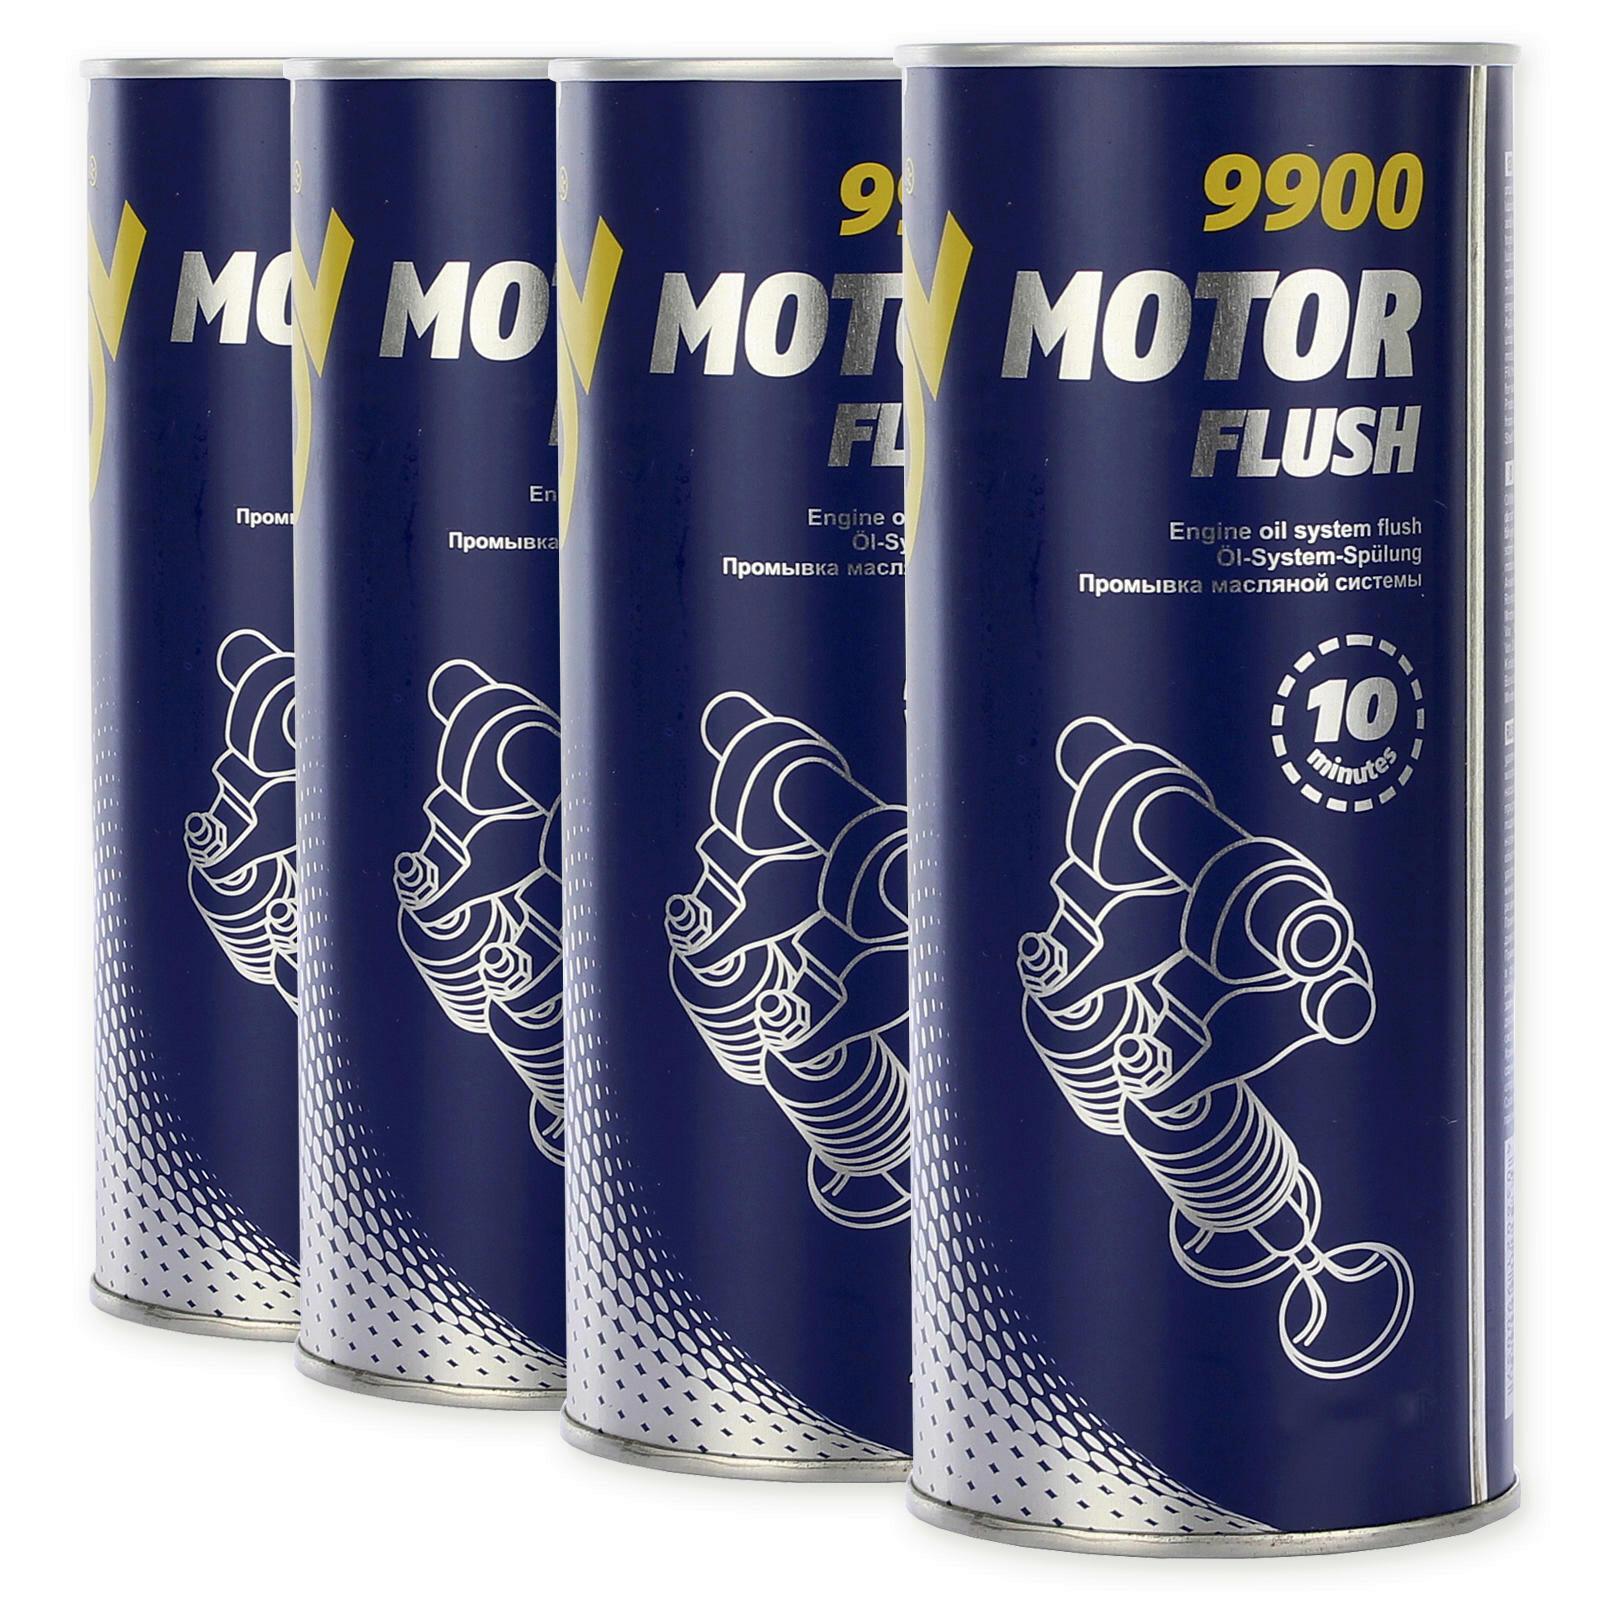 4x 350ml Mannol Motorspülung